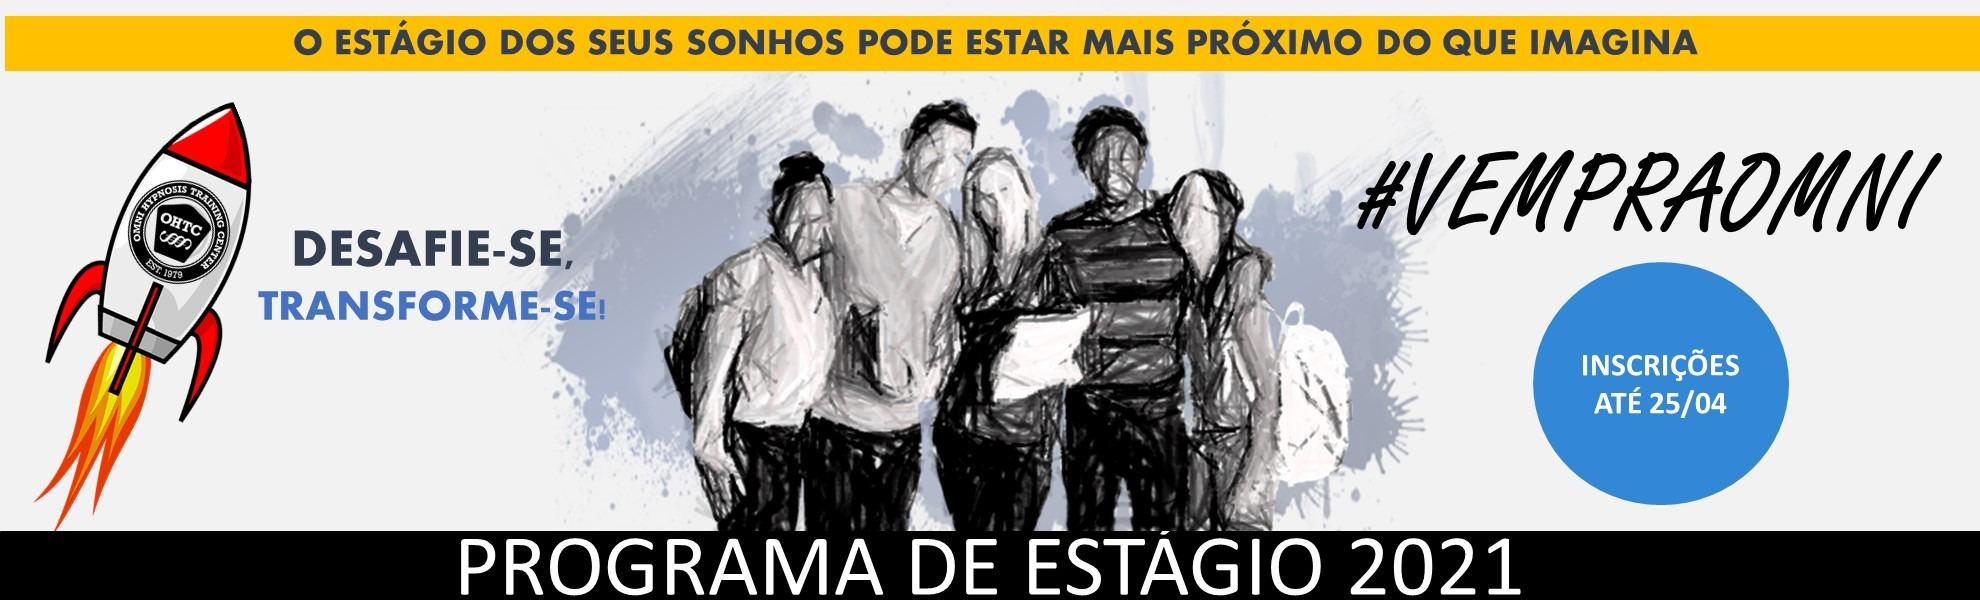 Programa de Estágio 2021 - #vempraomni